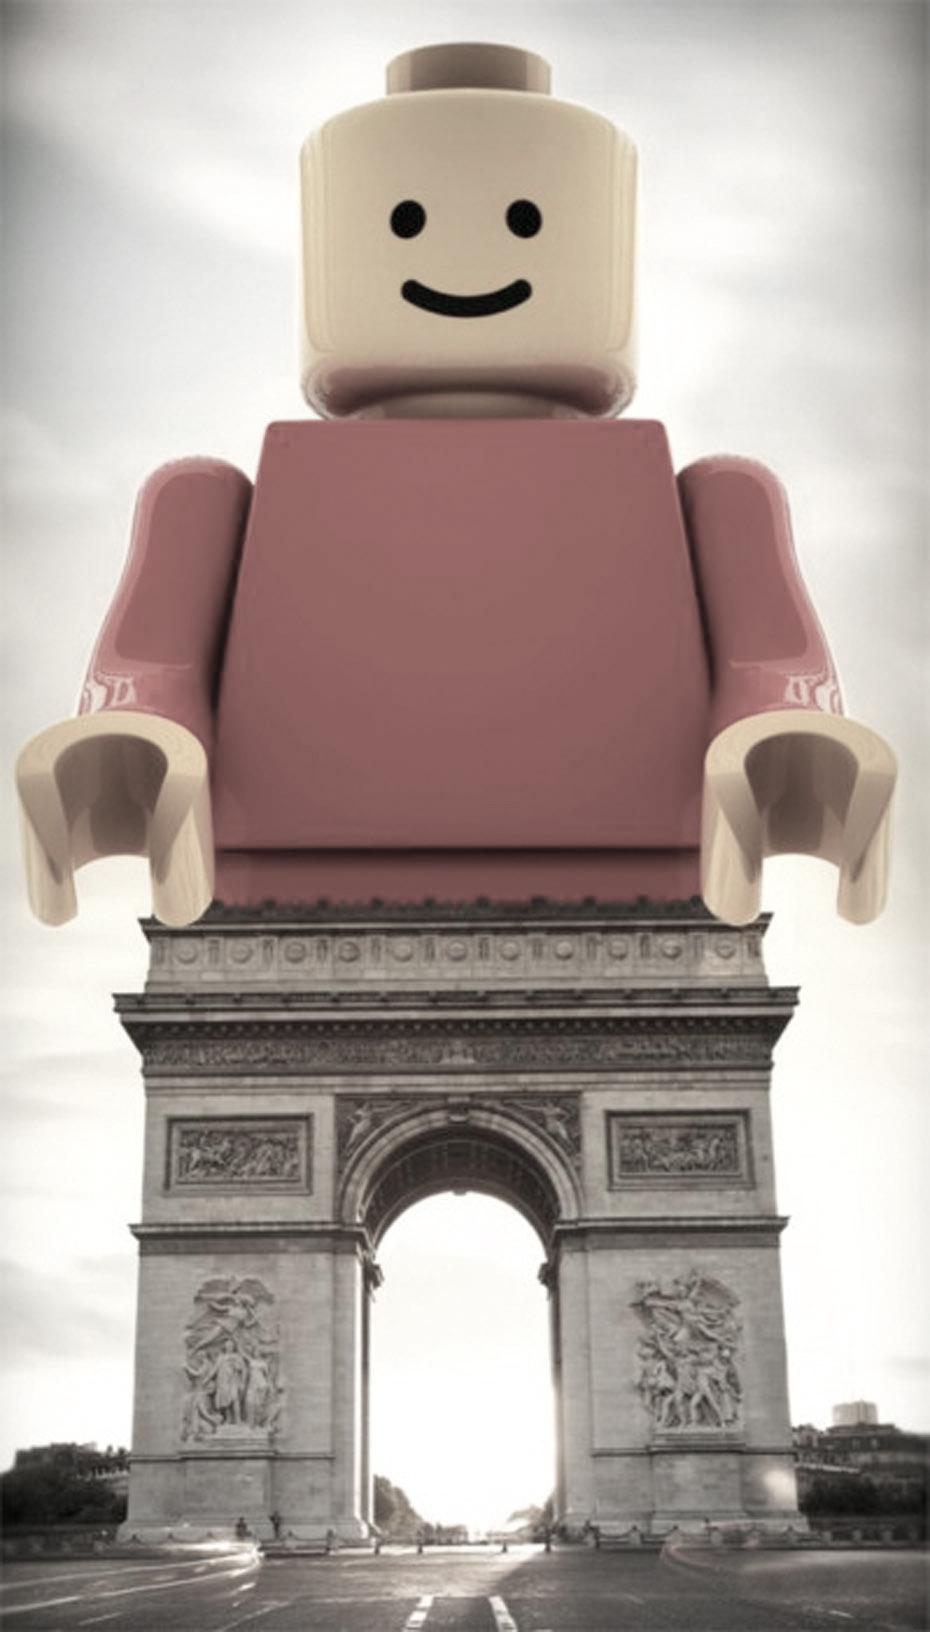 Lego-Arco-di-Trionfo,-Parigi